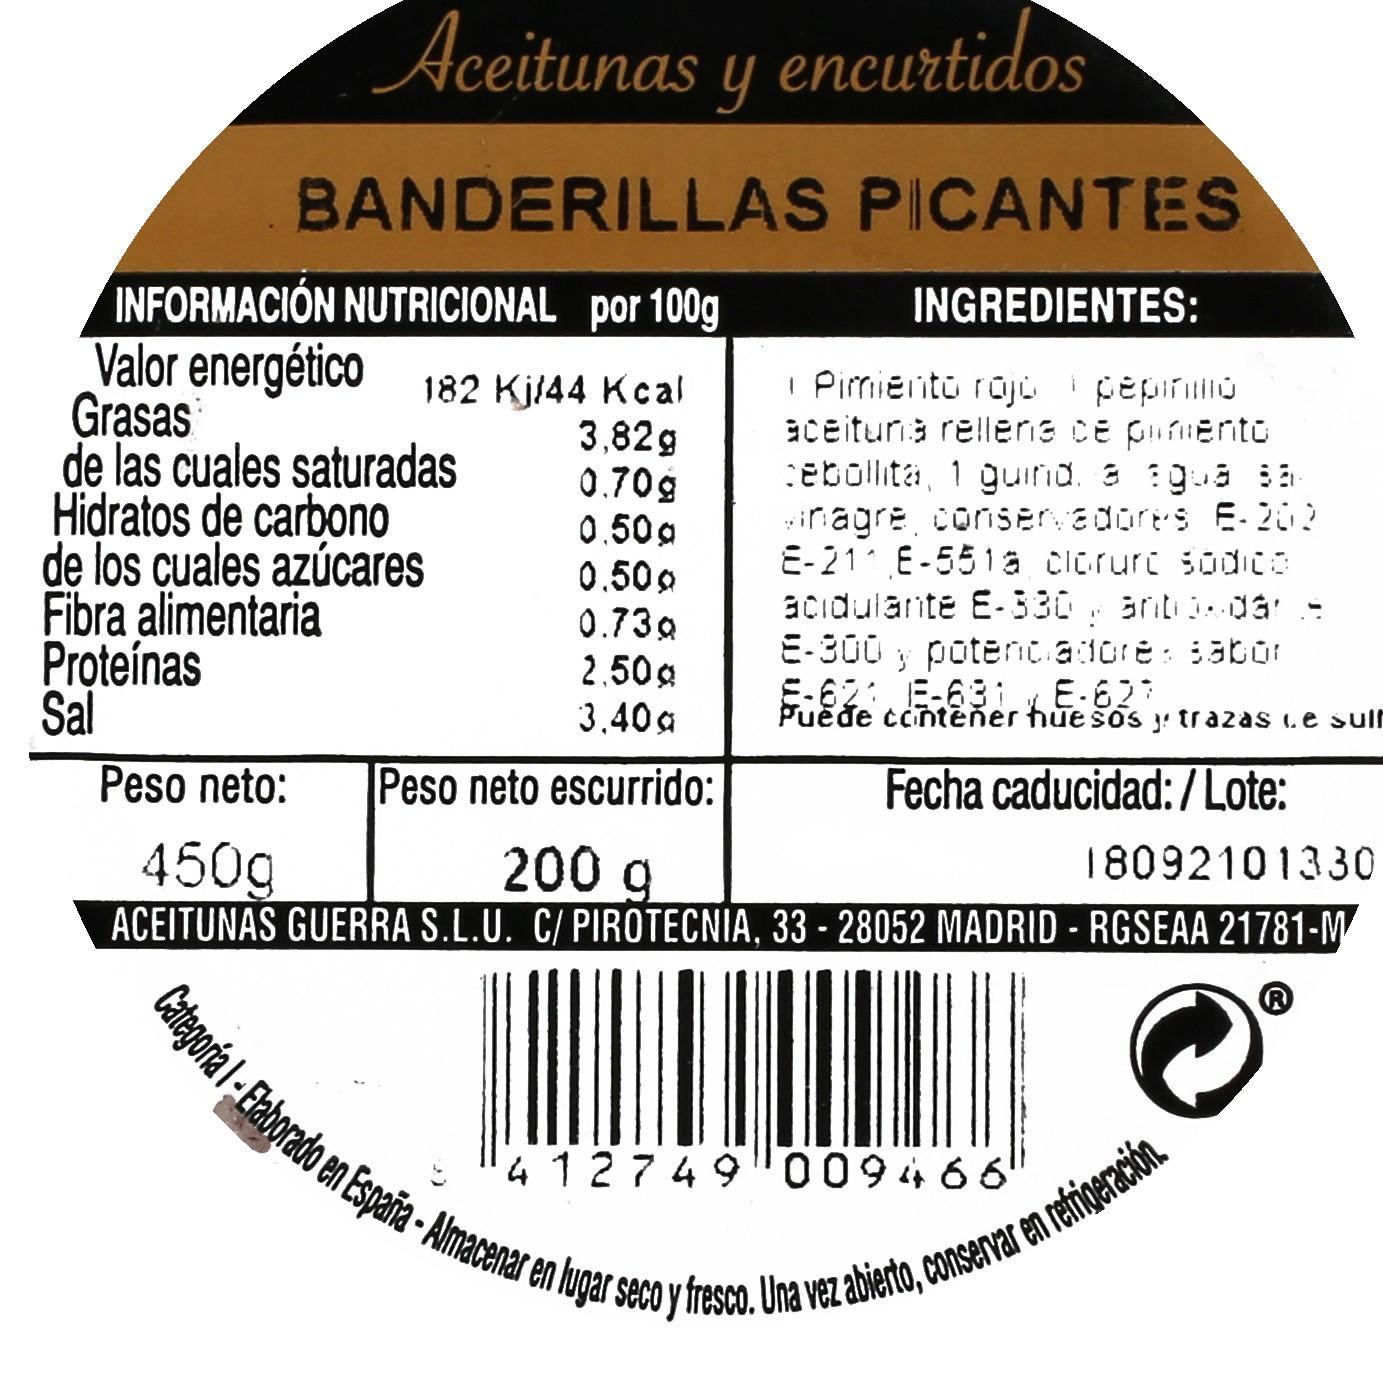 Banderillas picantes - 3